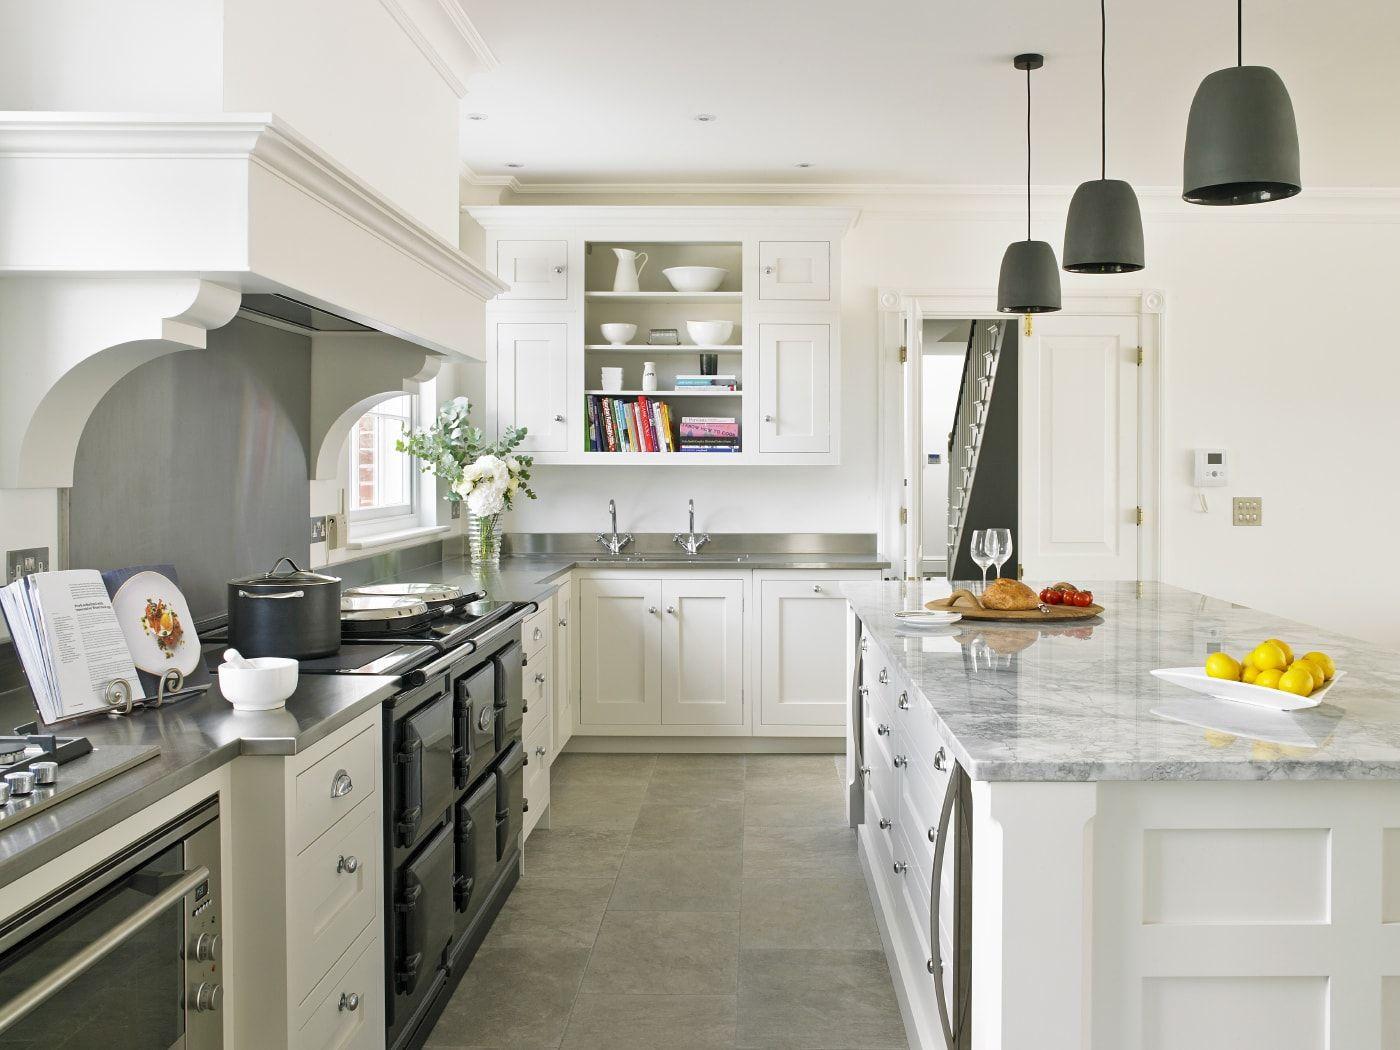 resultado de imagen de cocina clasica blanca - Cocinas Clasicas Blancas